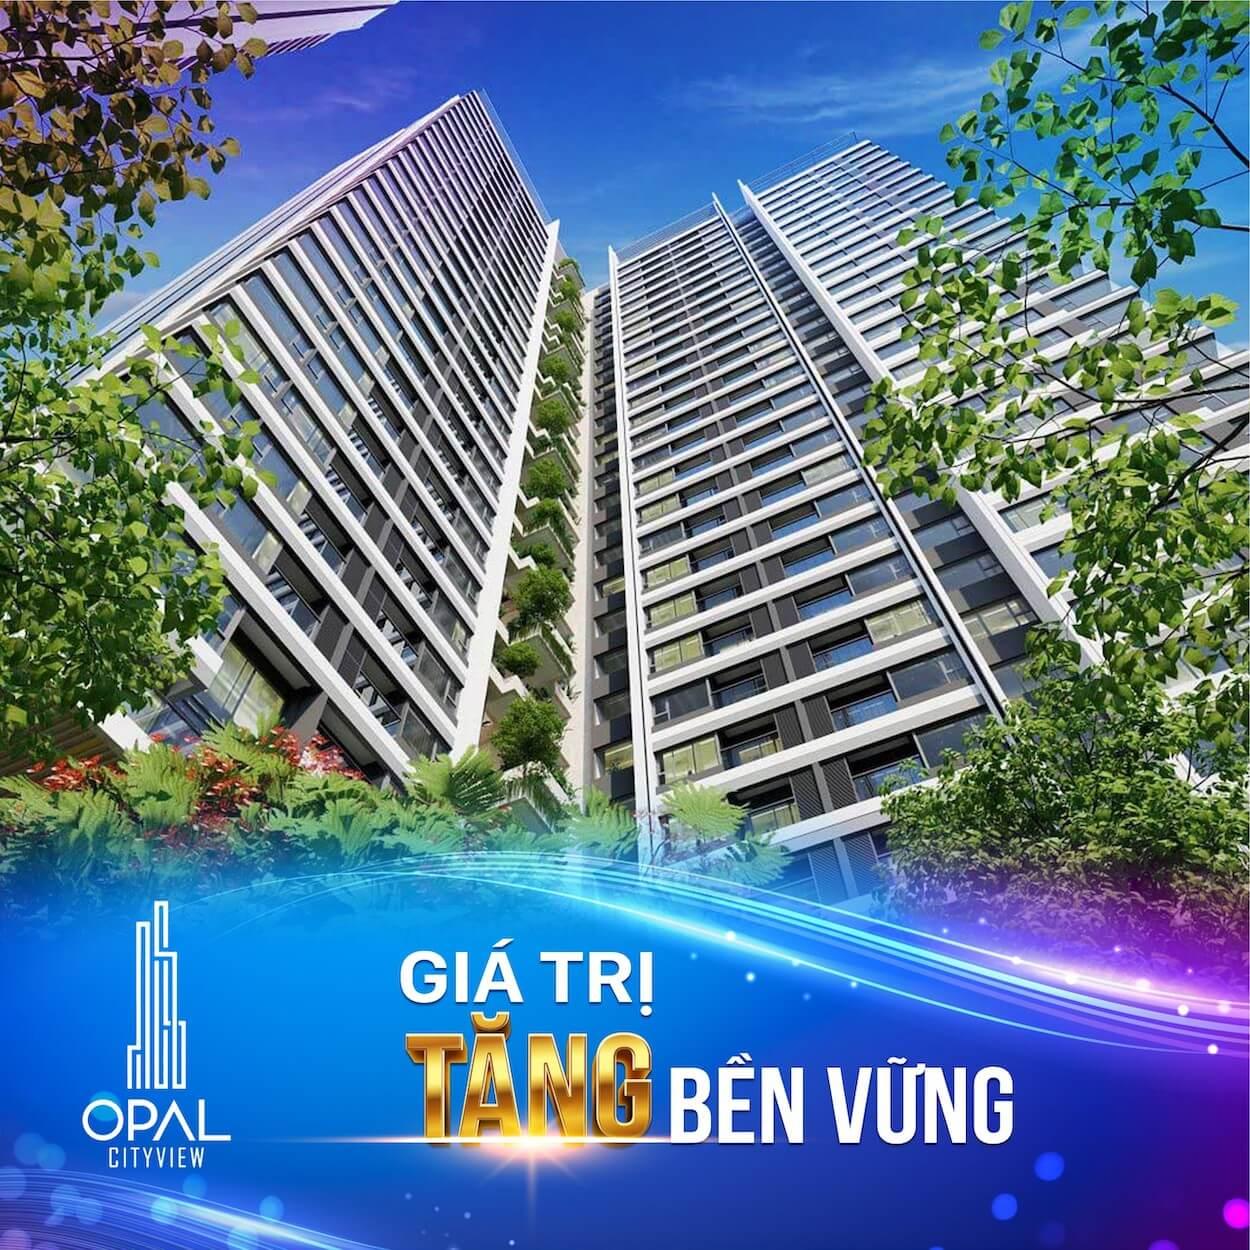 Opal cityview - Giá trị tiềm năng tăng bền vững